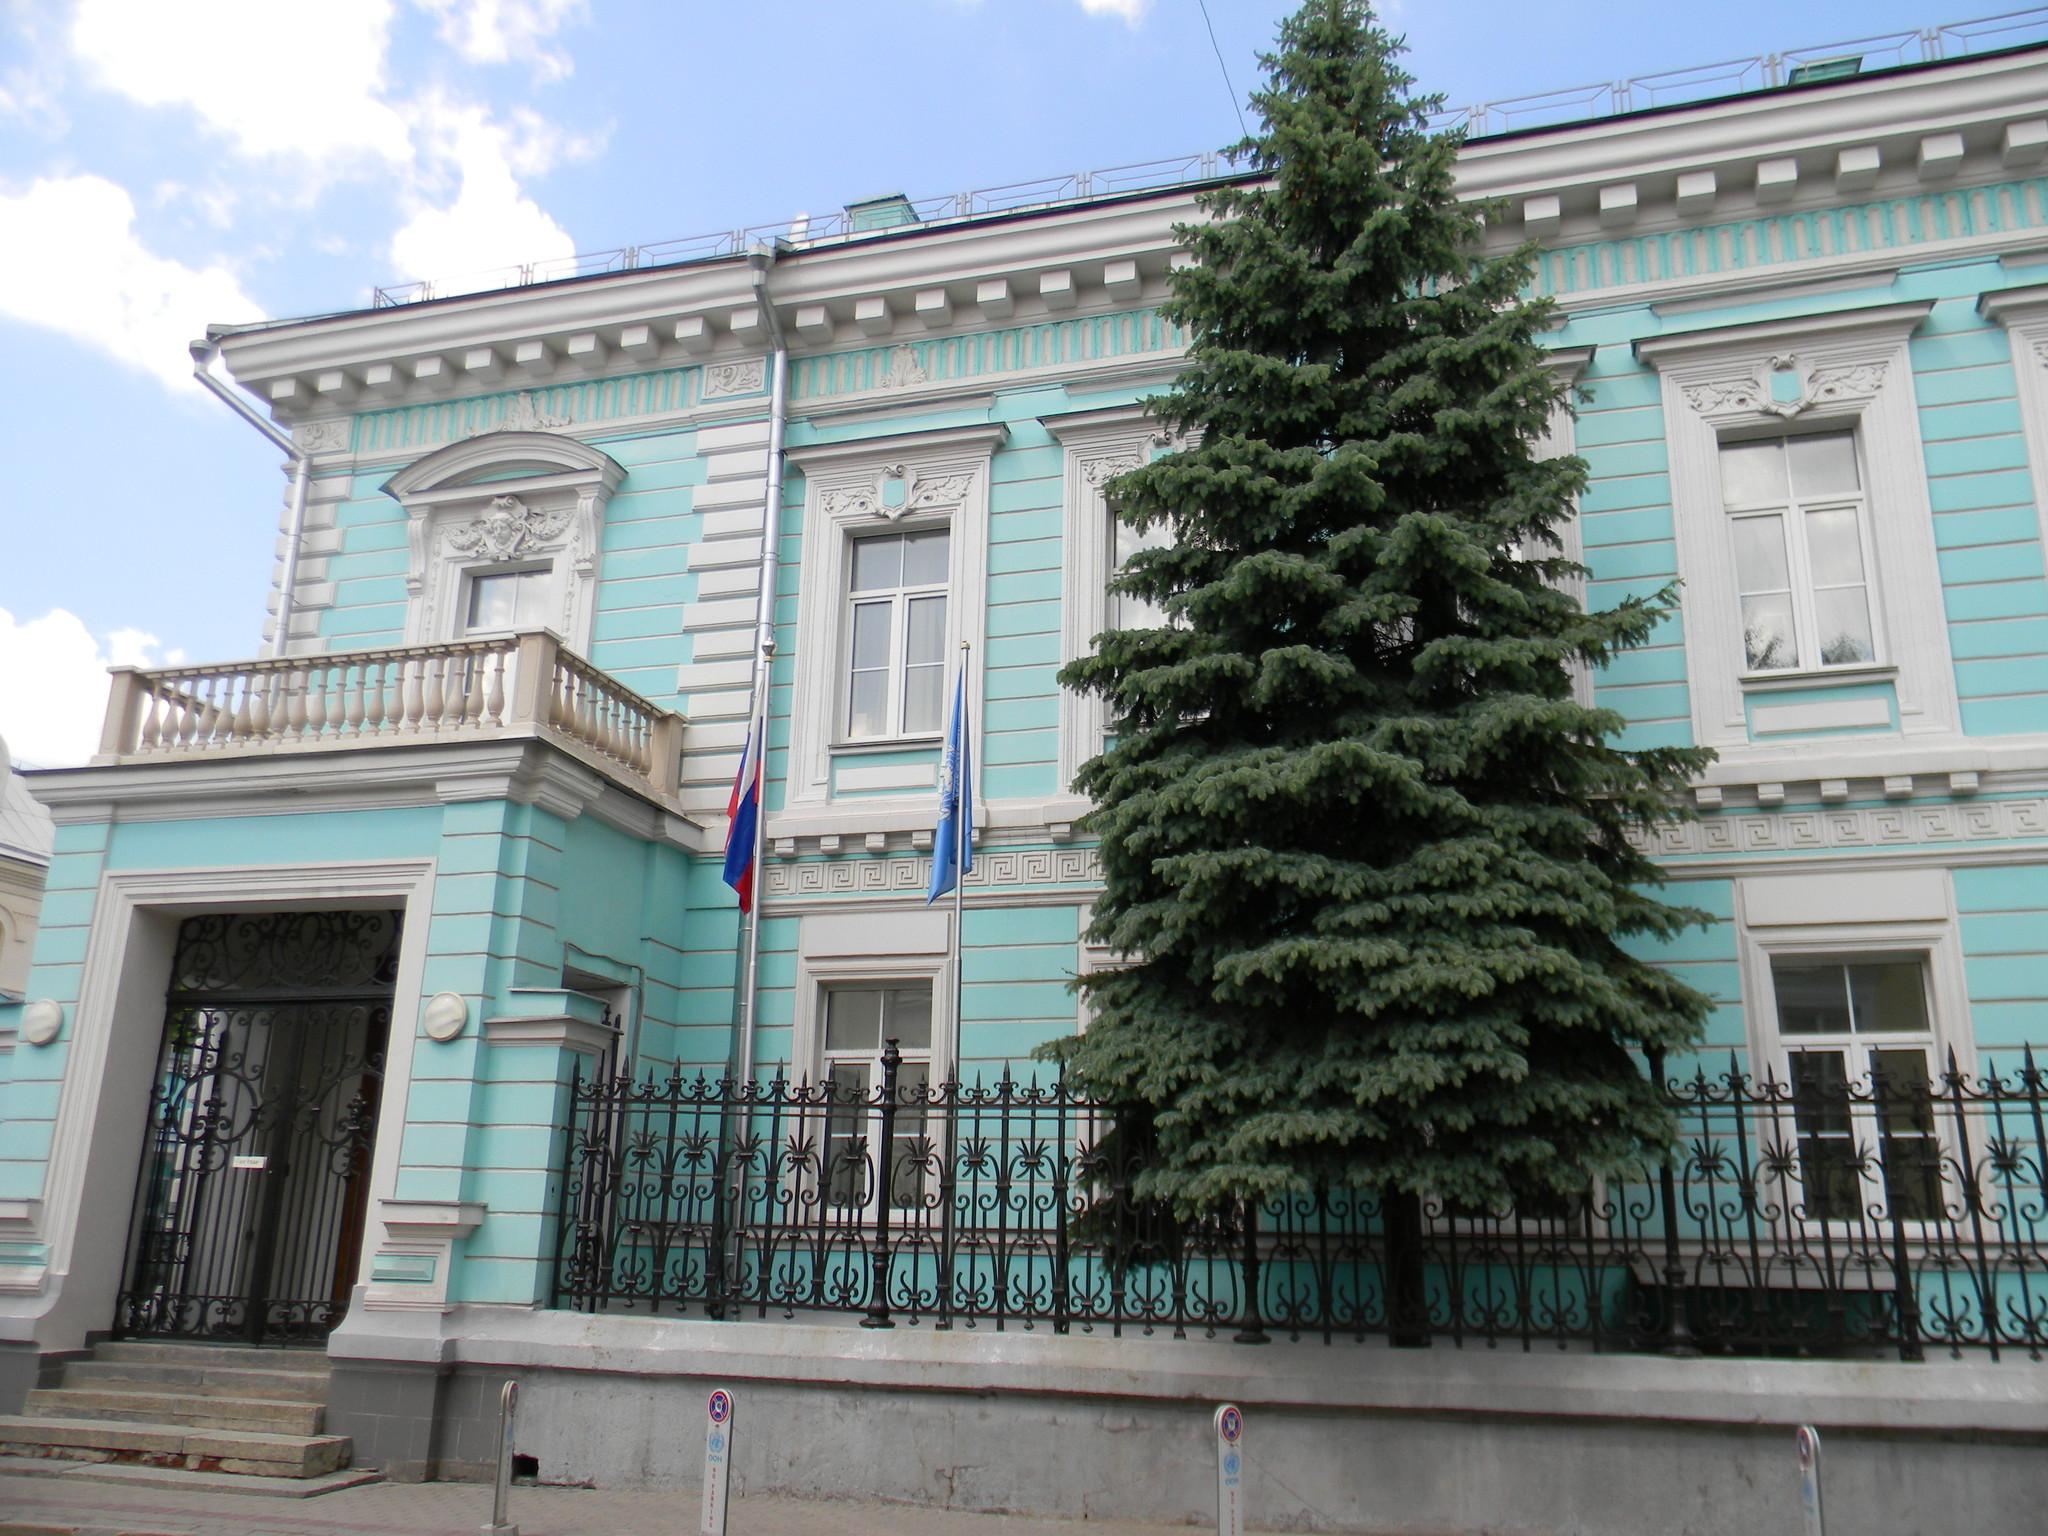 Представительство ООН в Москве (Леонтьевский переулок, дом 9)